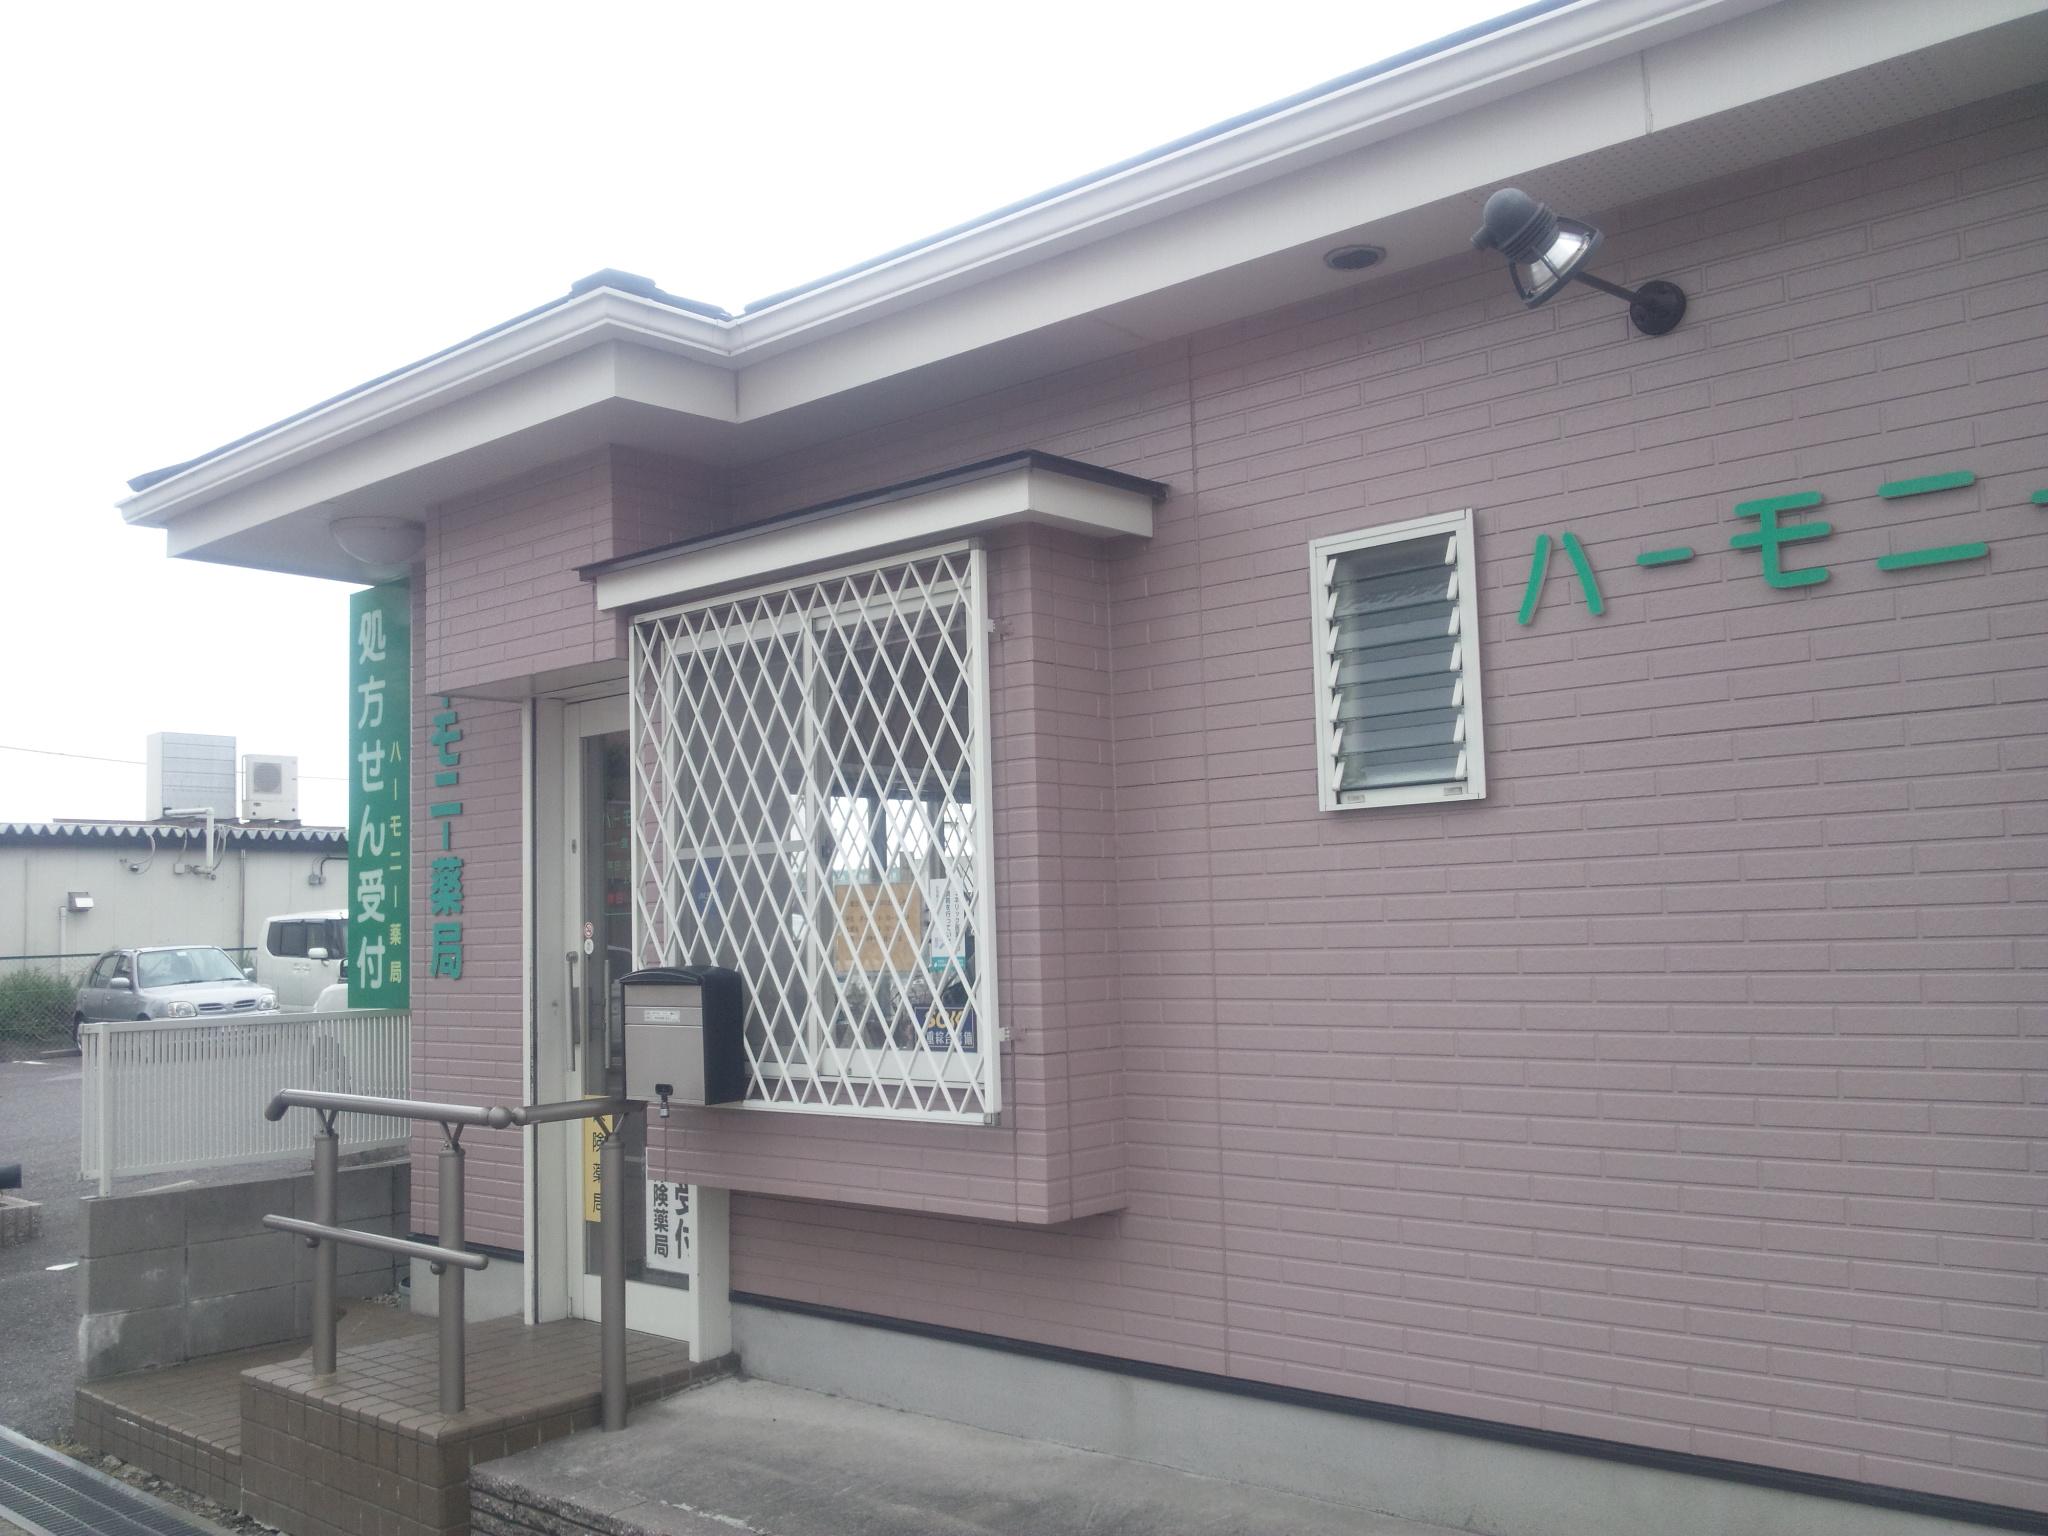 ハーモニー薬局の外観(右側より)